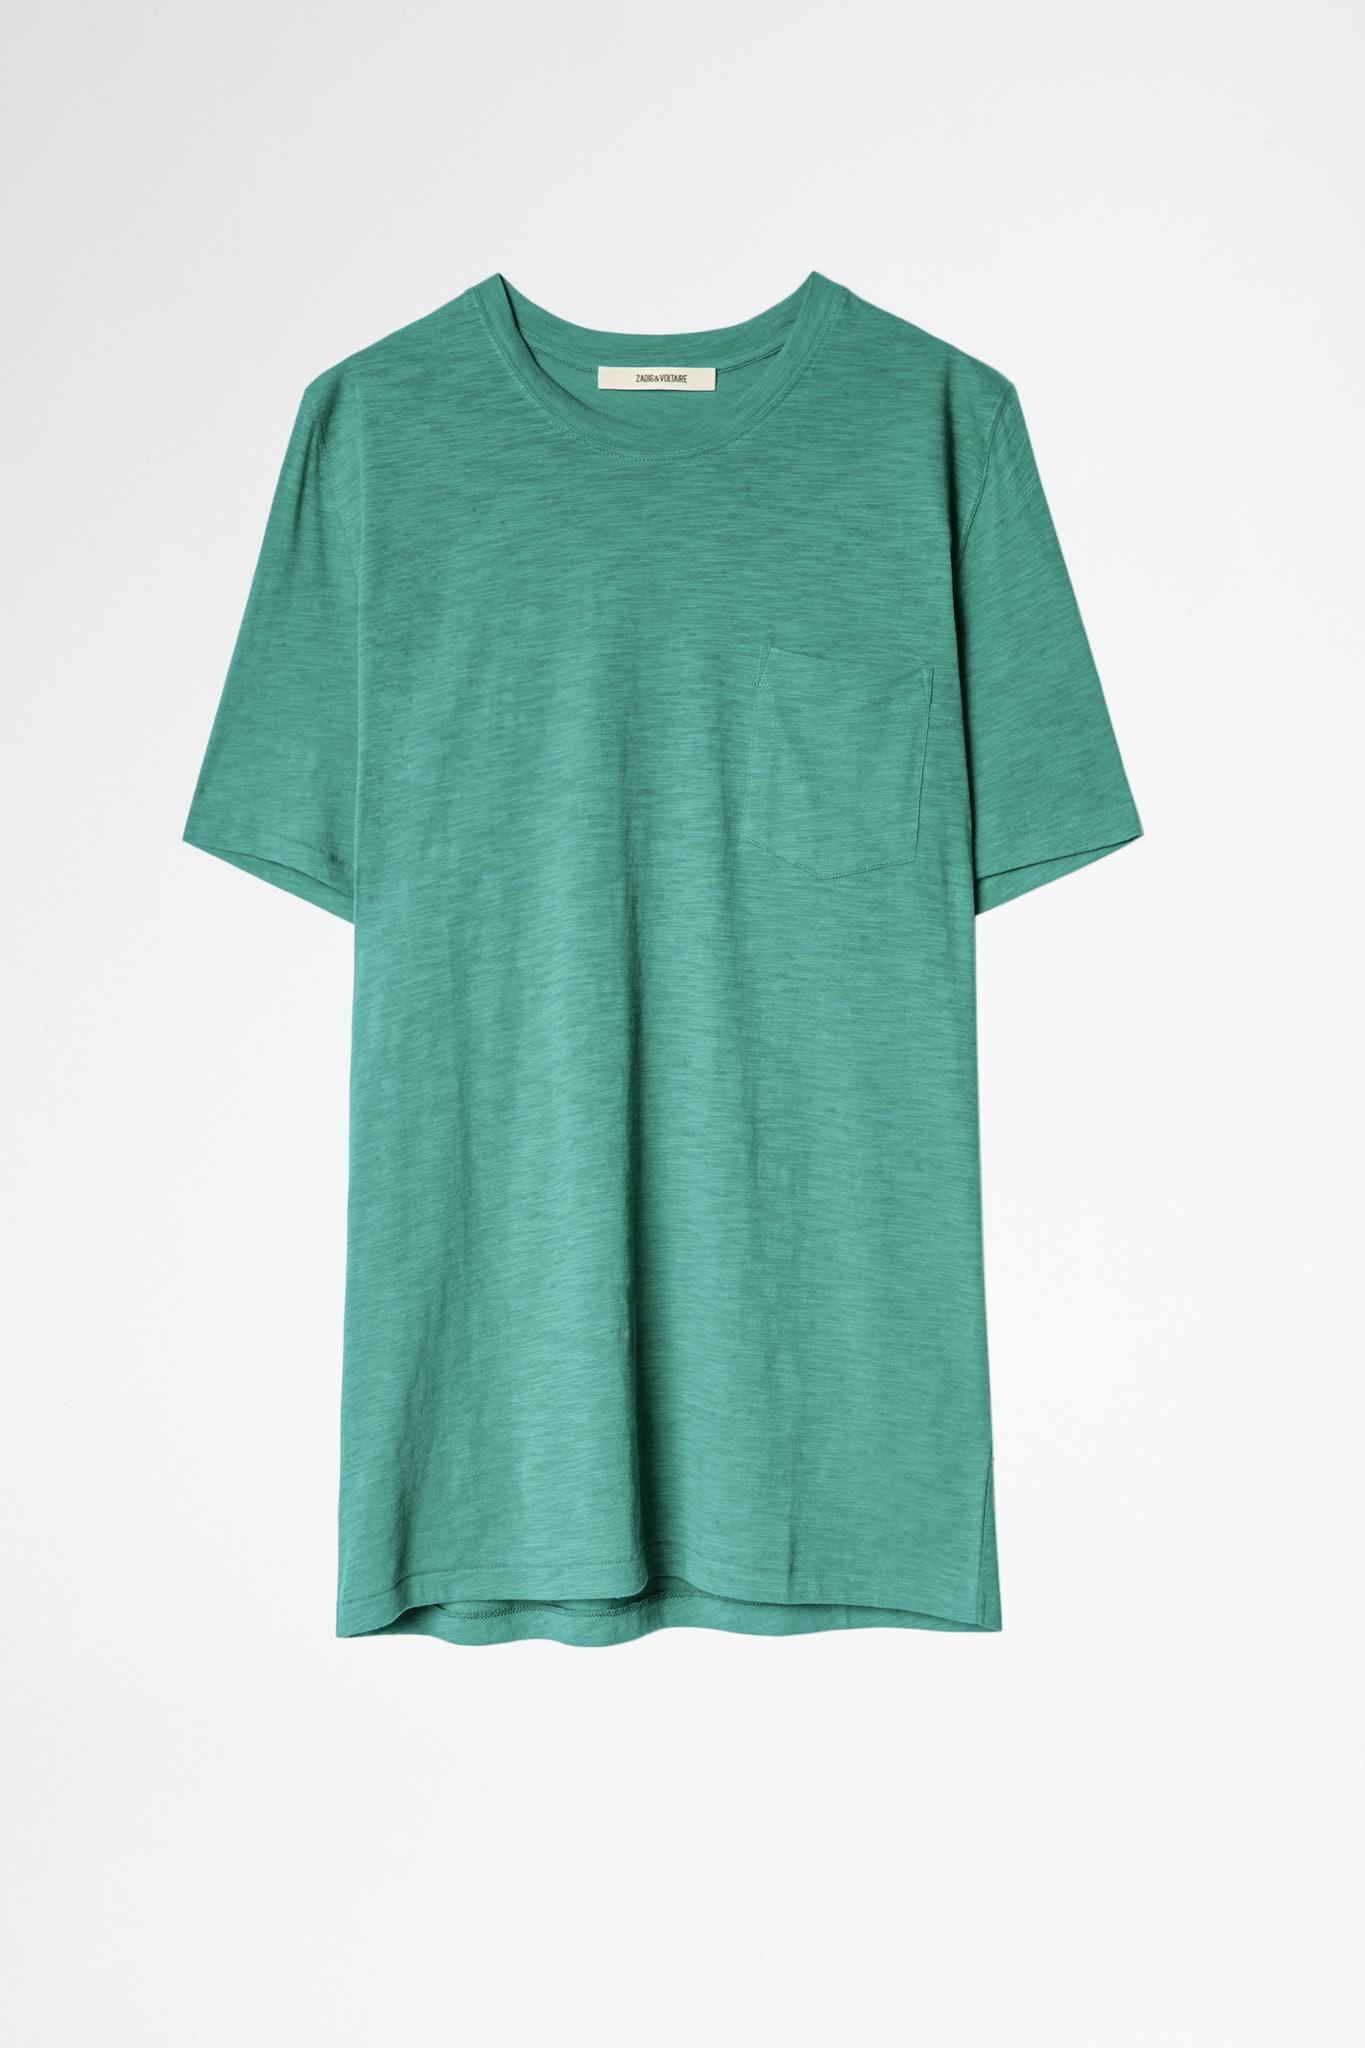 Stockholm Slubbed Cotton T-Shirt